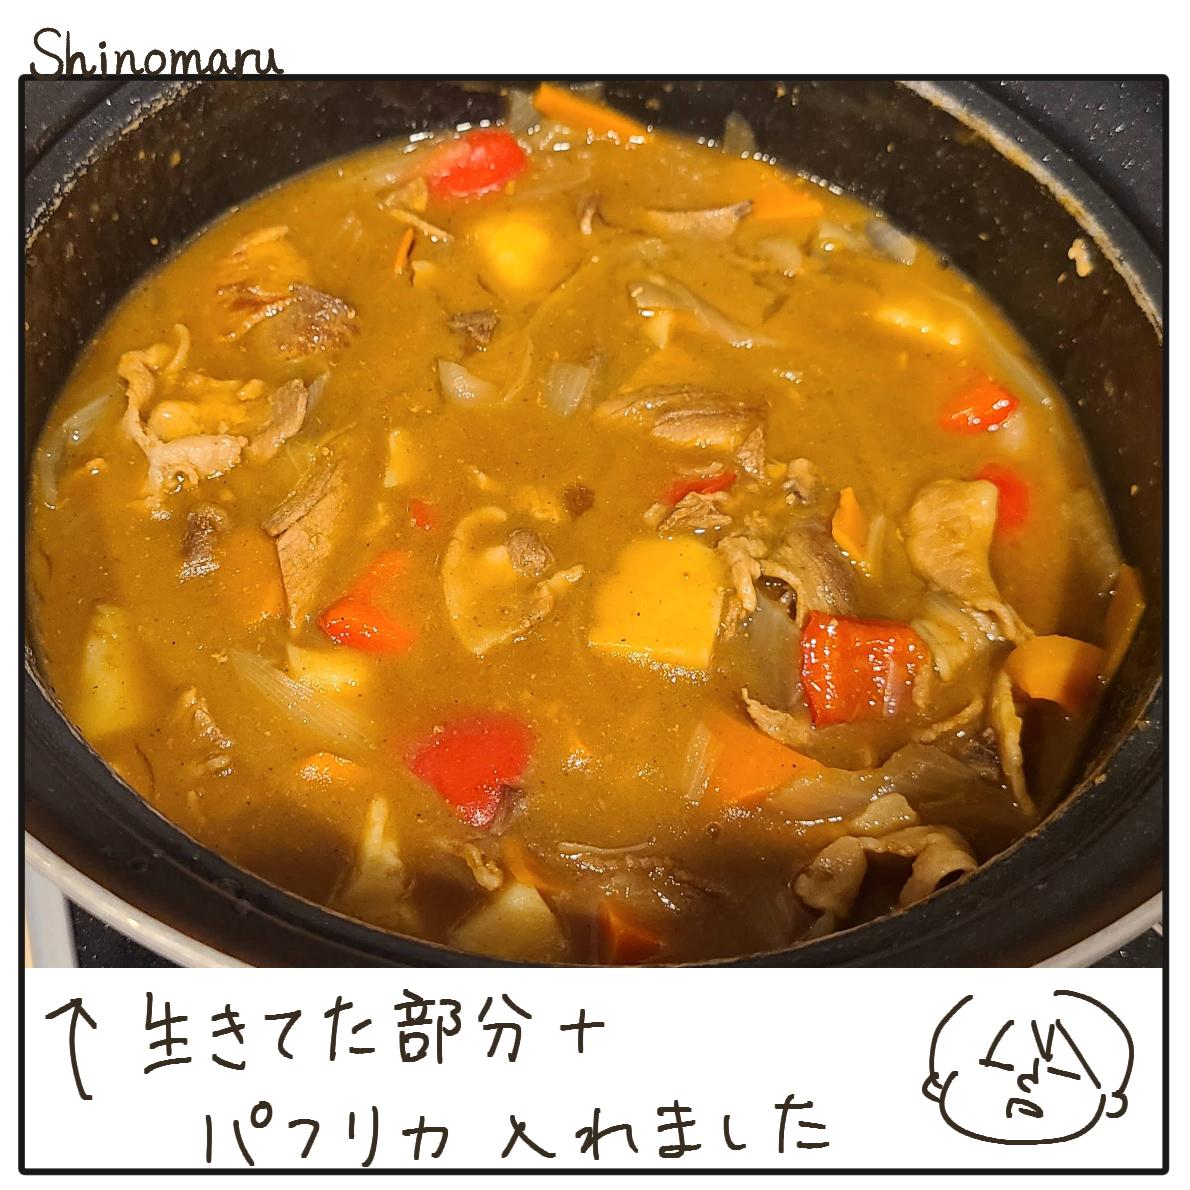 f:id:Shinomaru:20210604221800p:plain